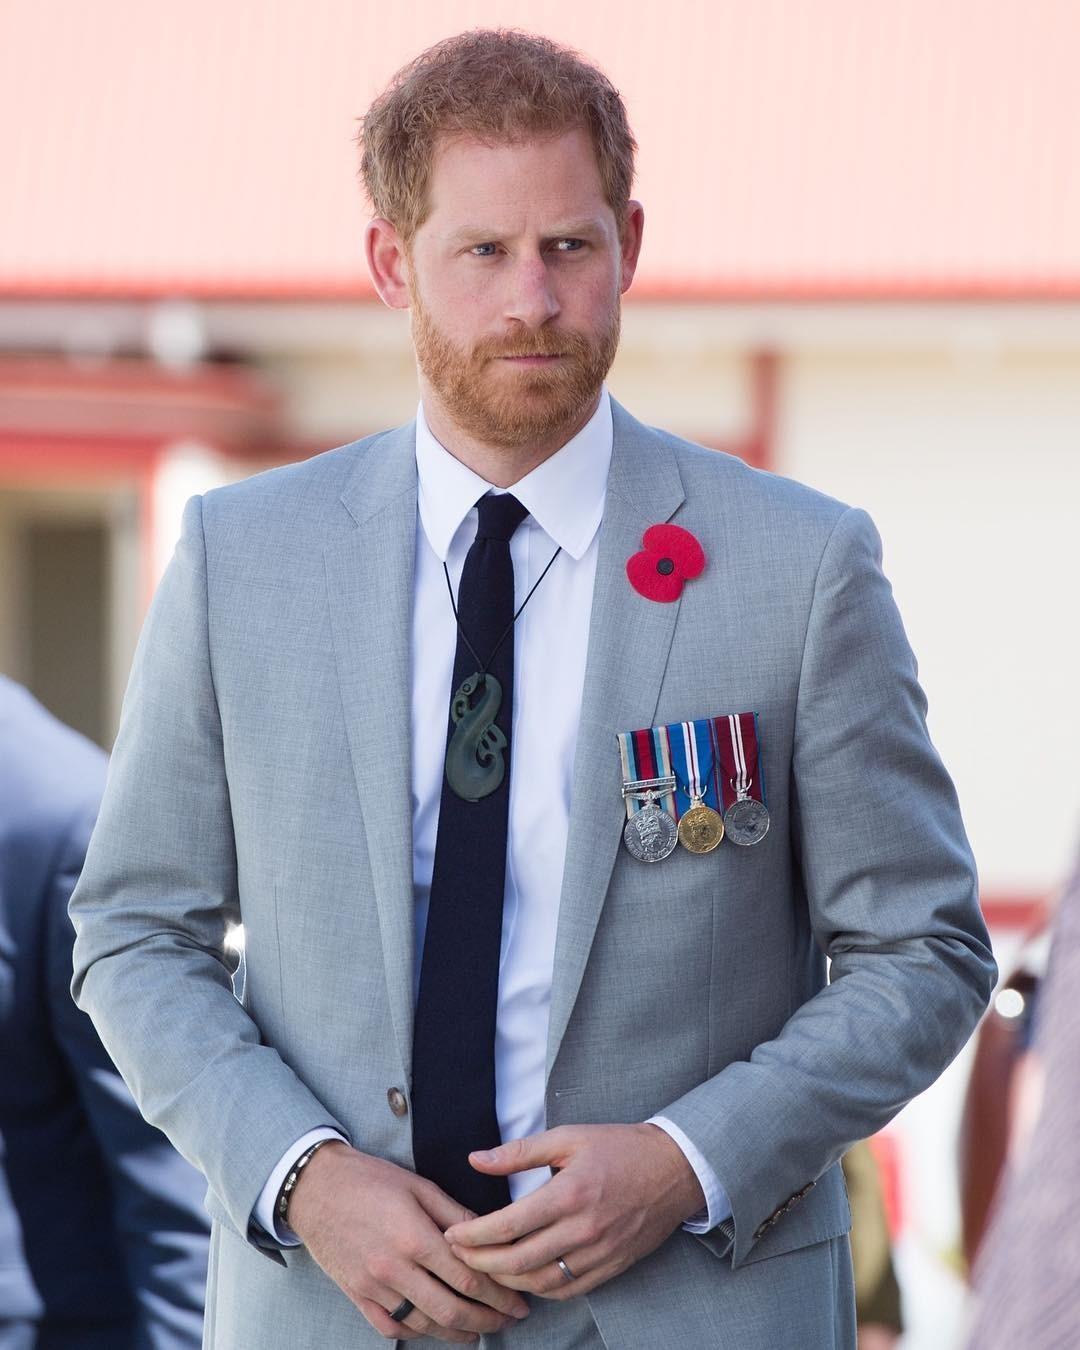 Принц Гарри призвал окружающих к ответственности перед будущими поколениями